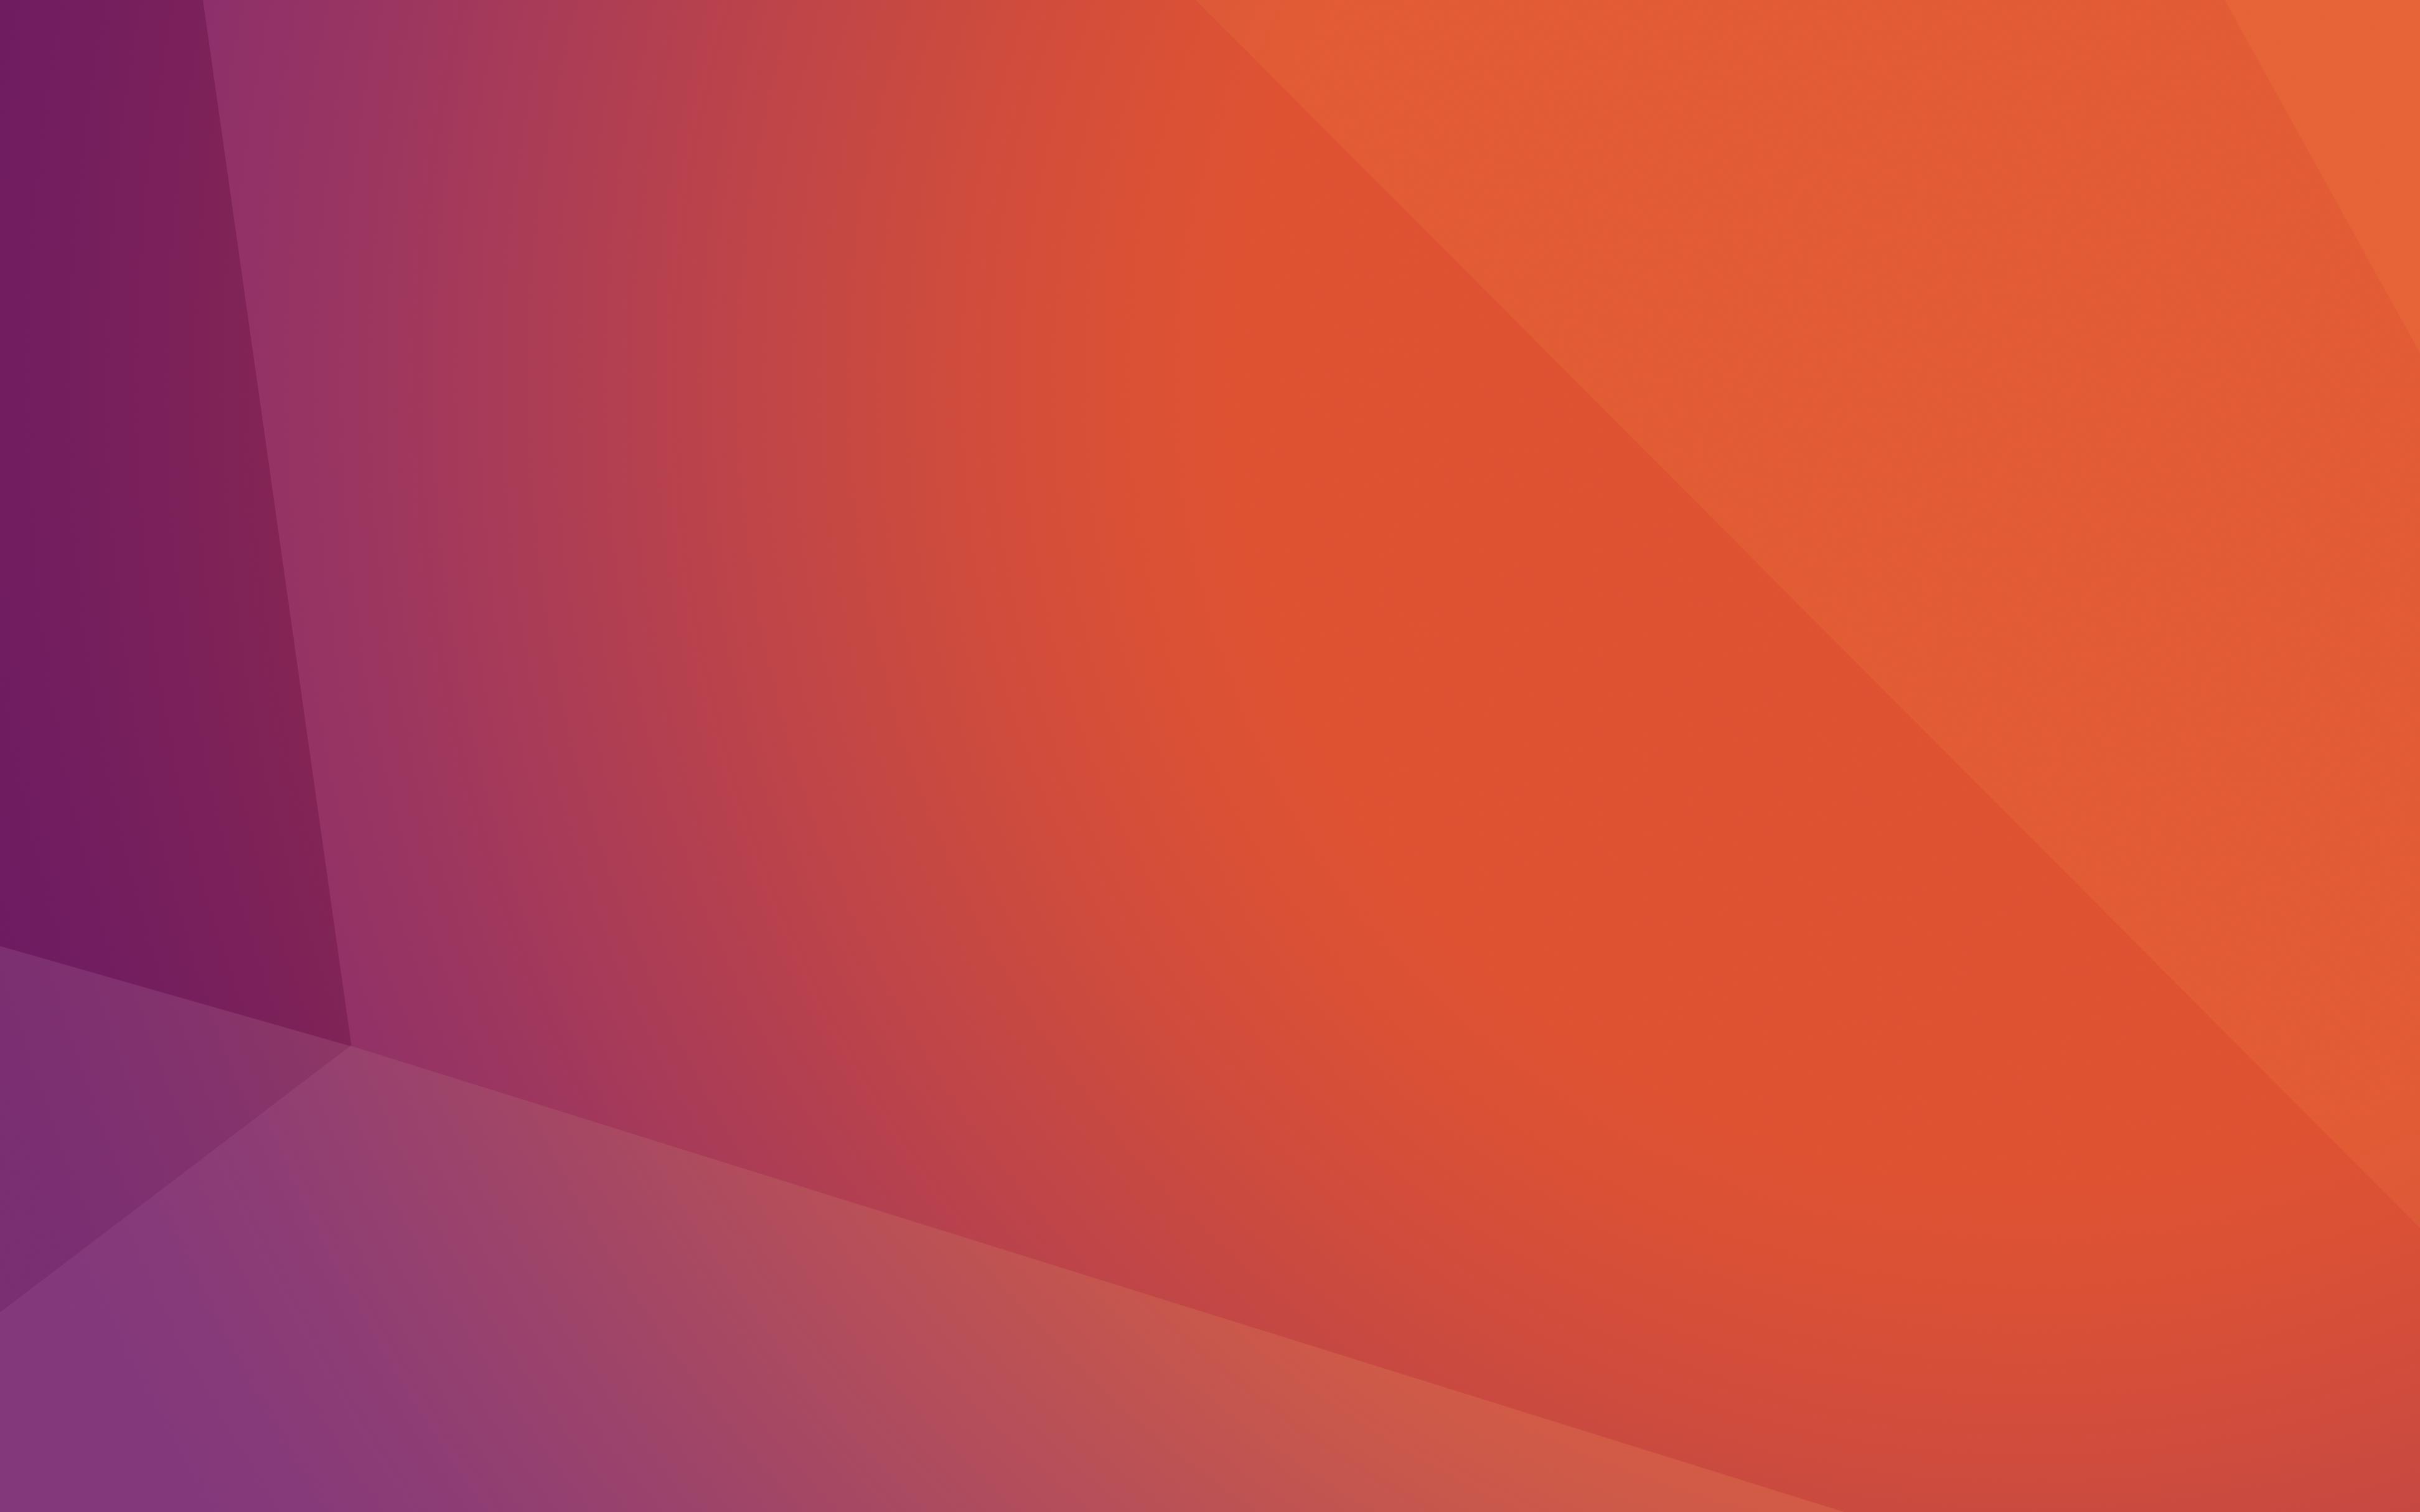 Descarga El Fondo De Pantalla De Ubuntu